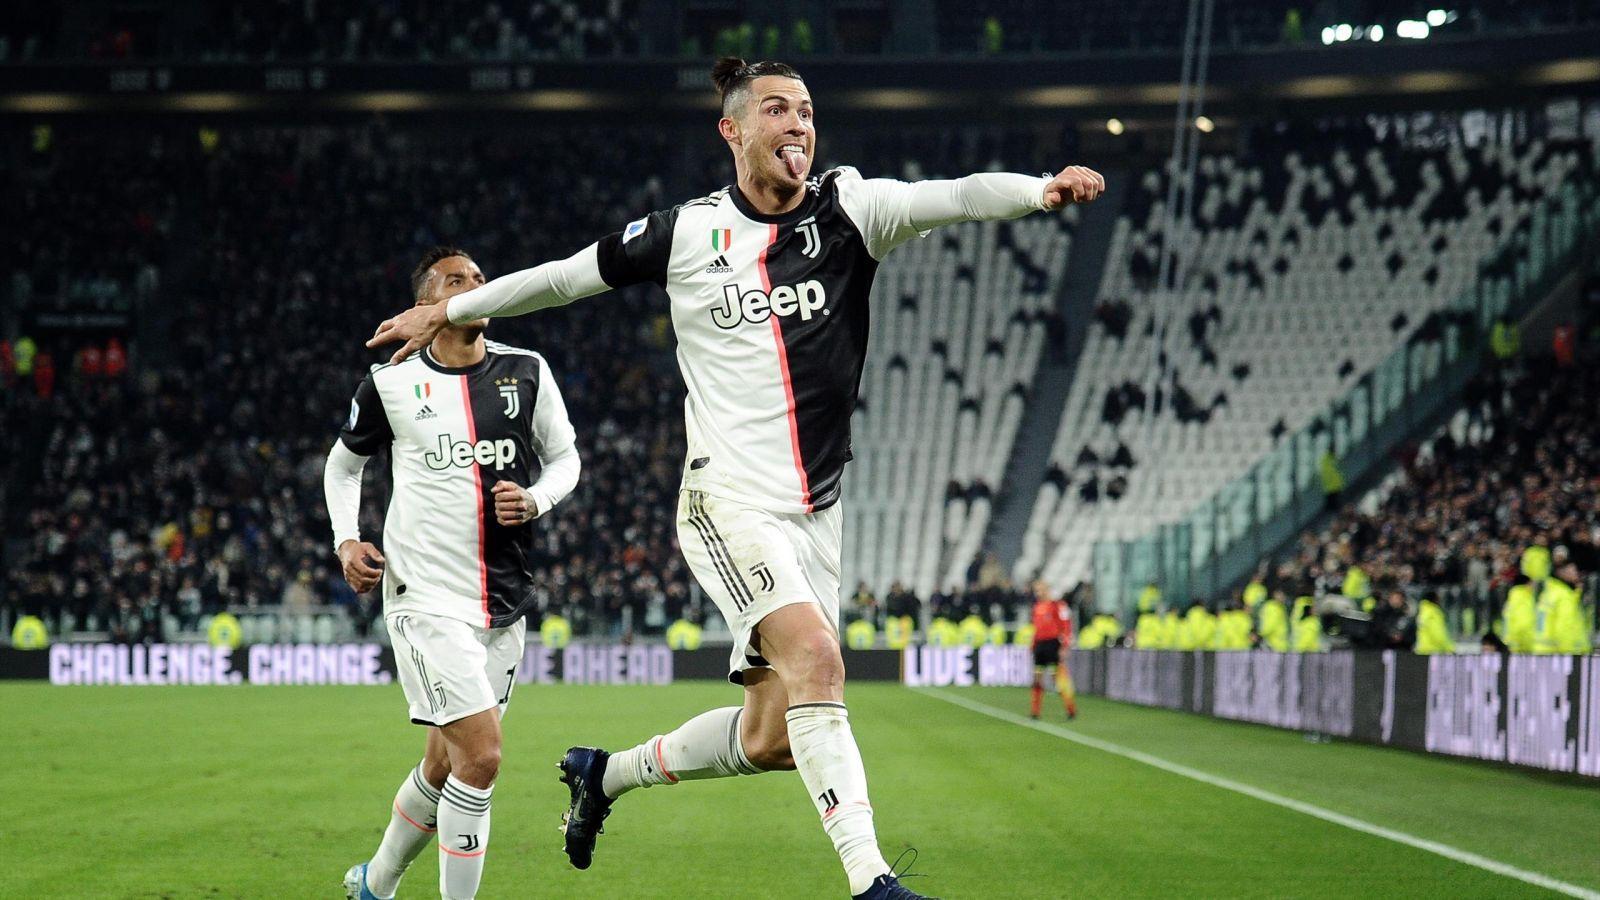 VIDÉO. Juventus Parme (21). Résumé complet en 2020